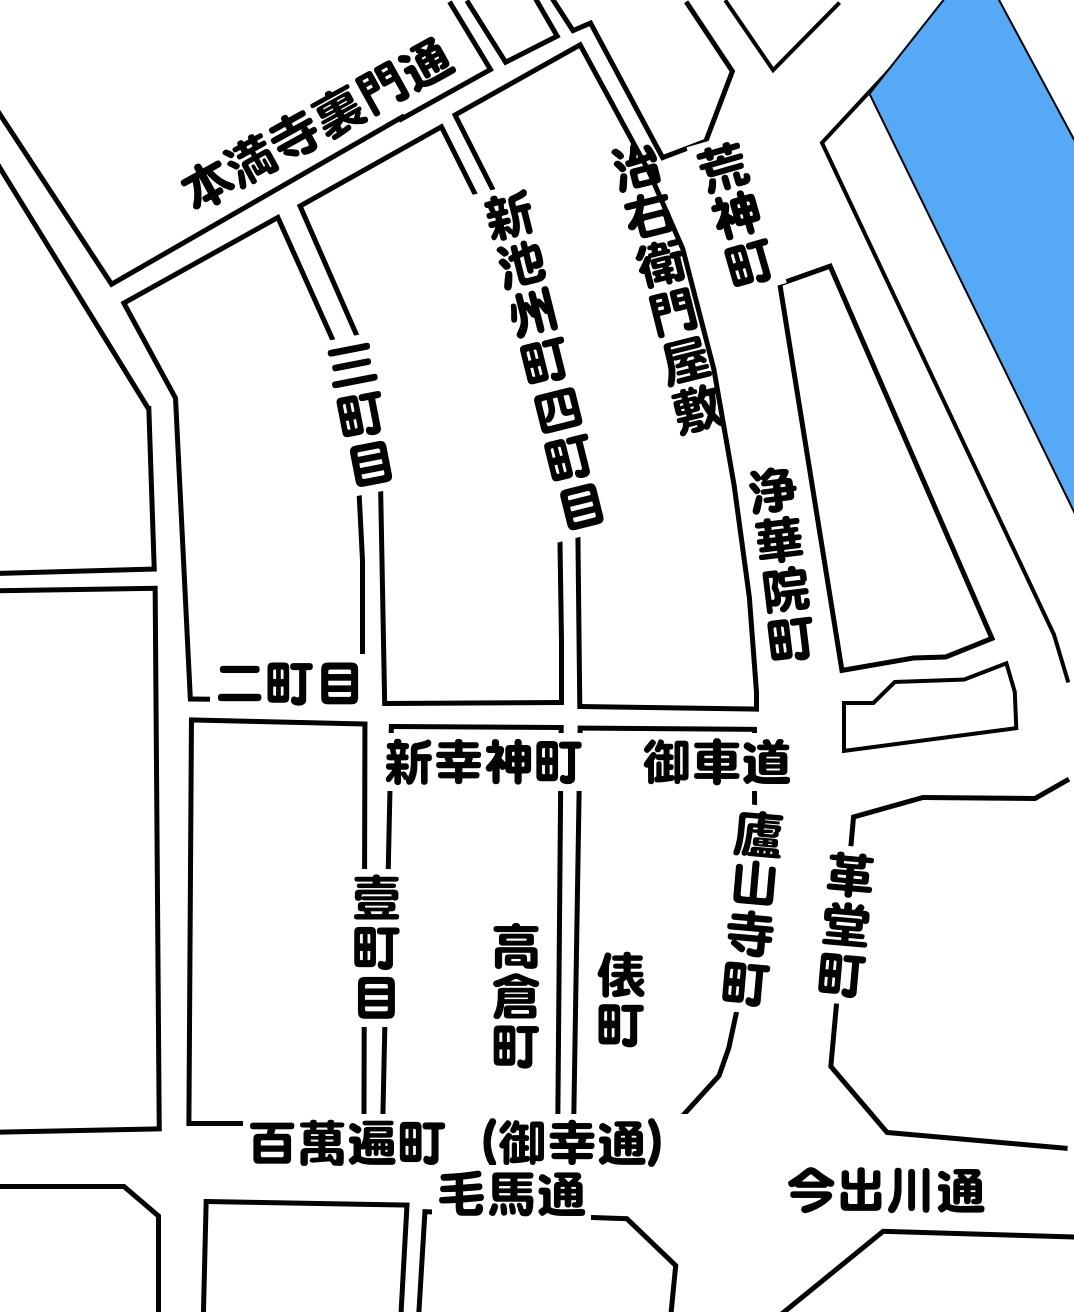 1:立本寺跡町名(京町鑑)